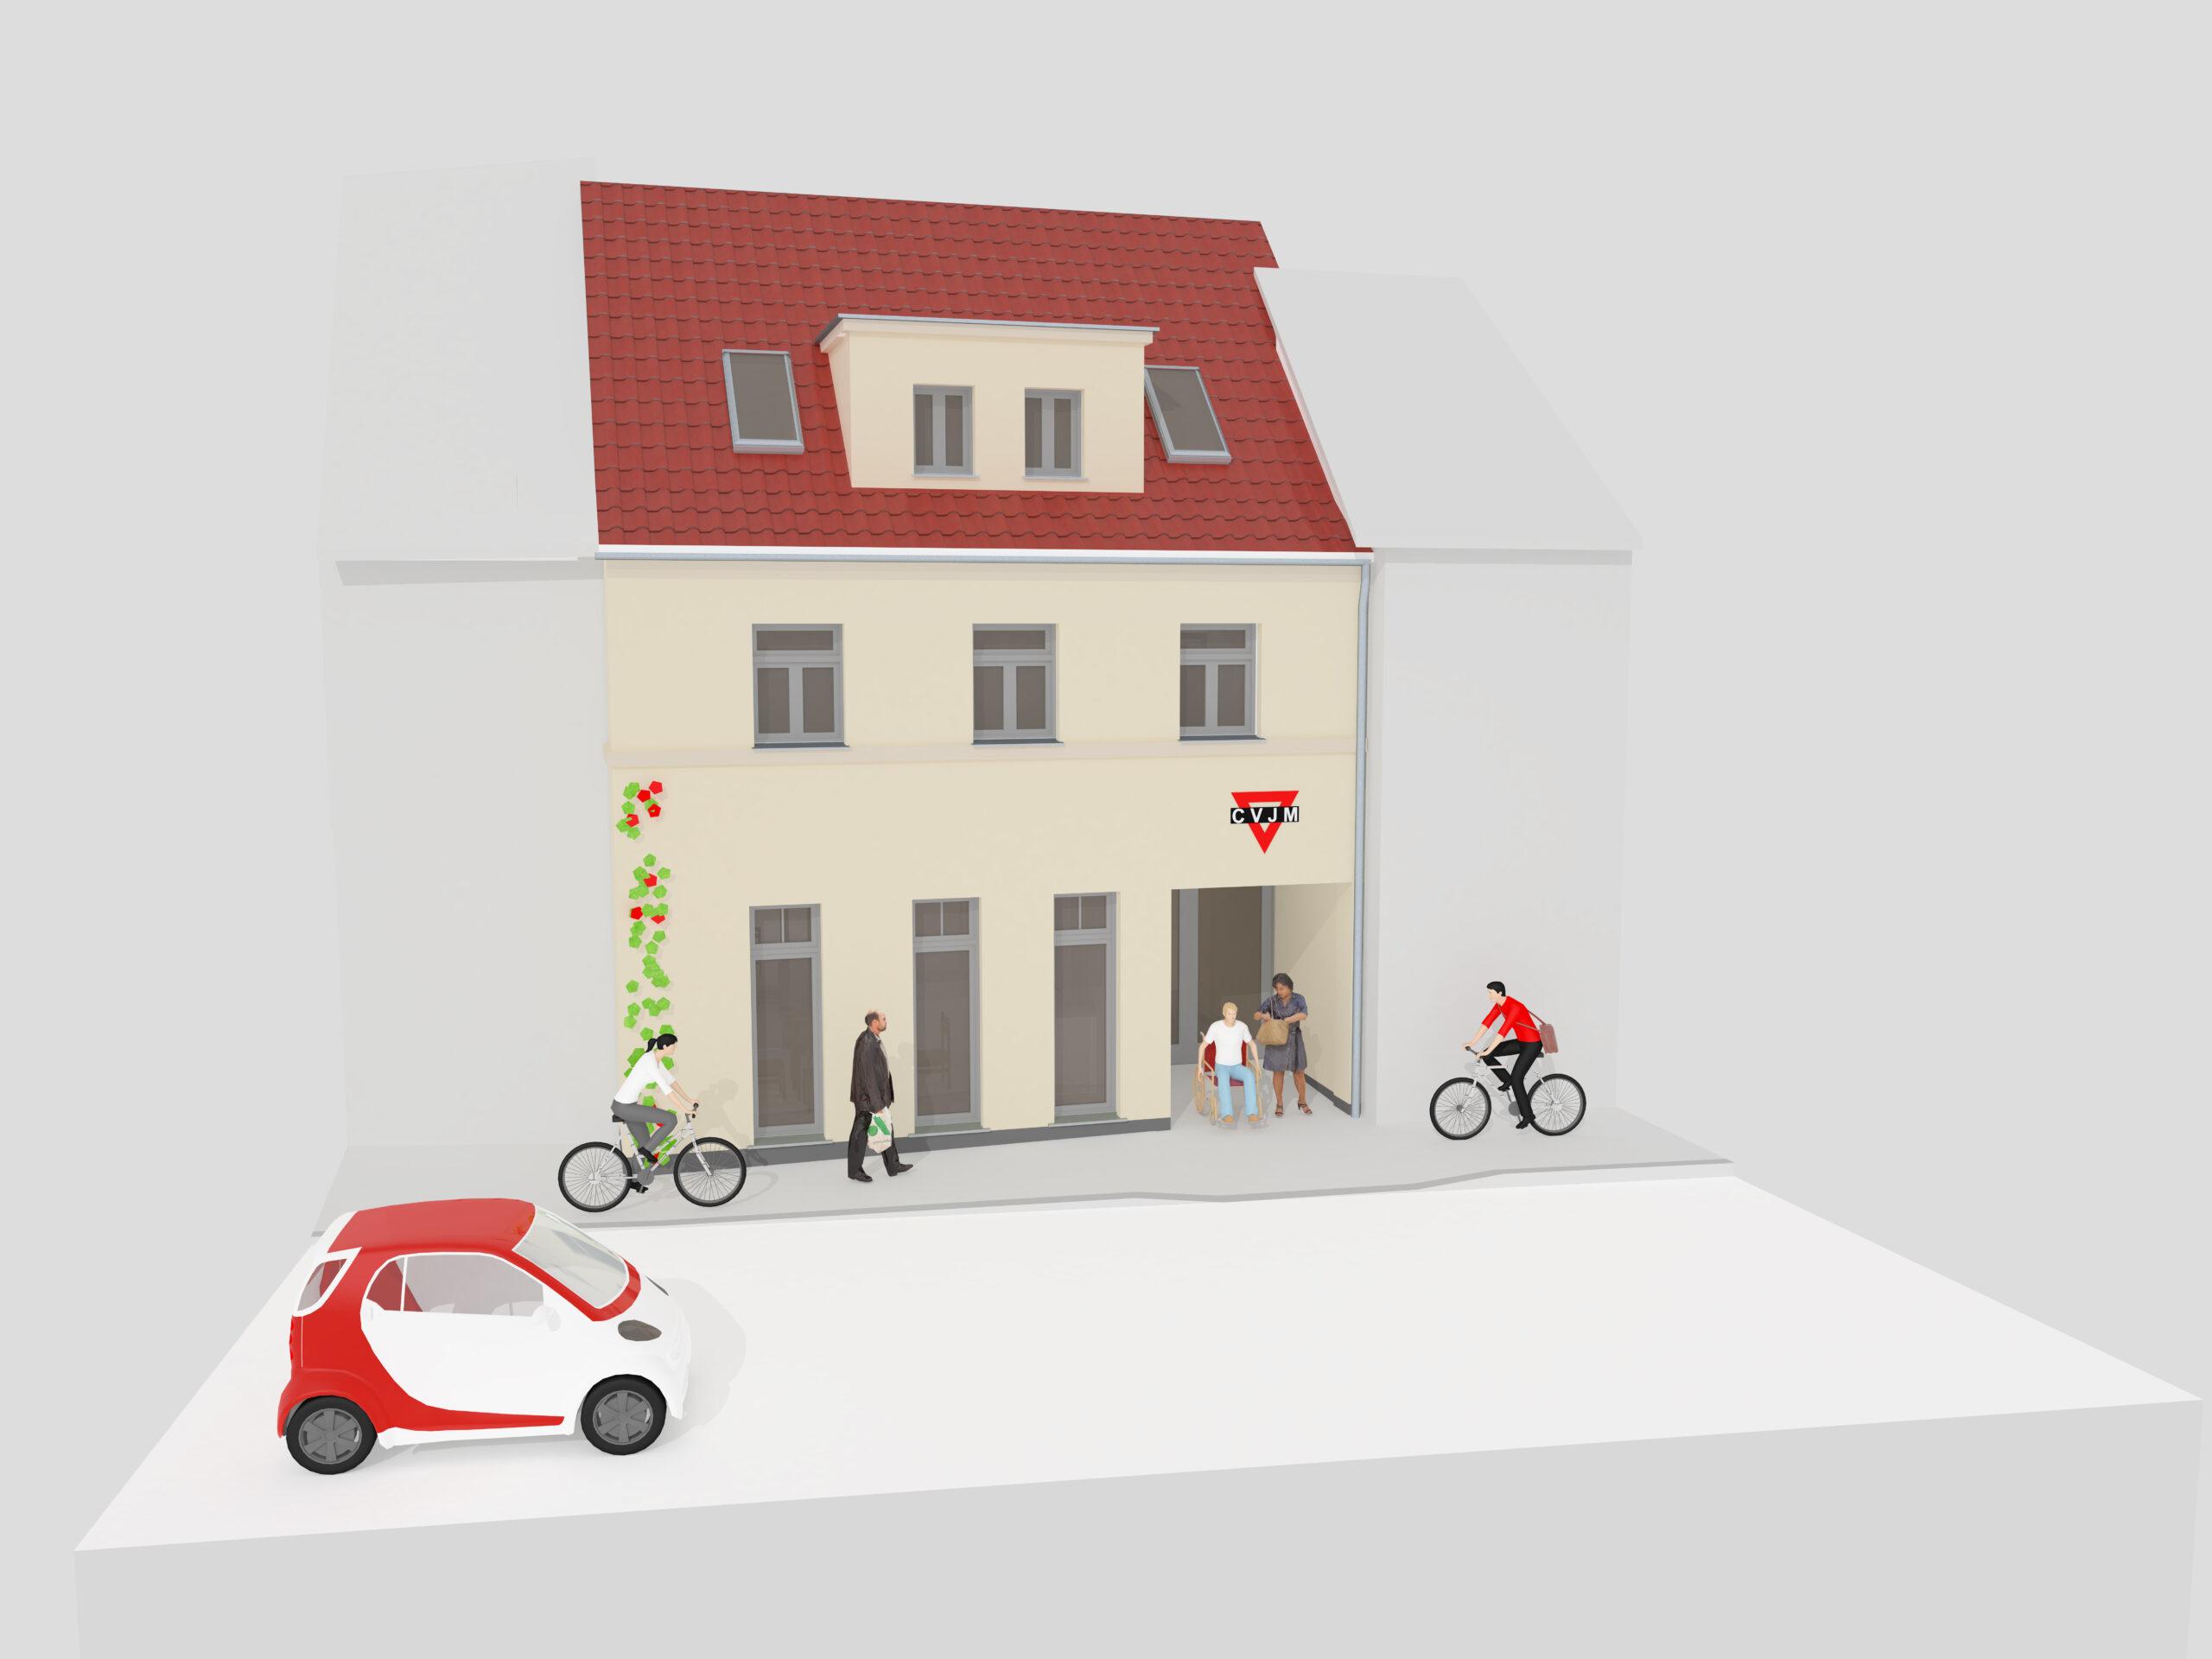 3D Model von einem Haus